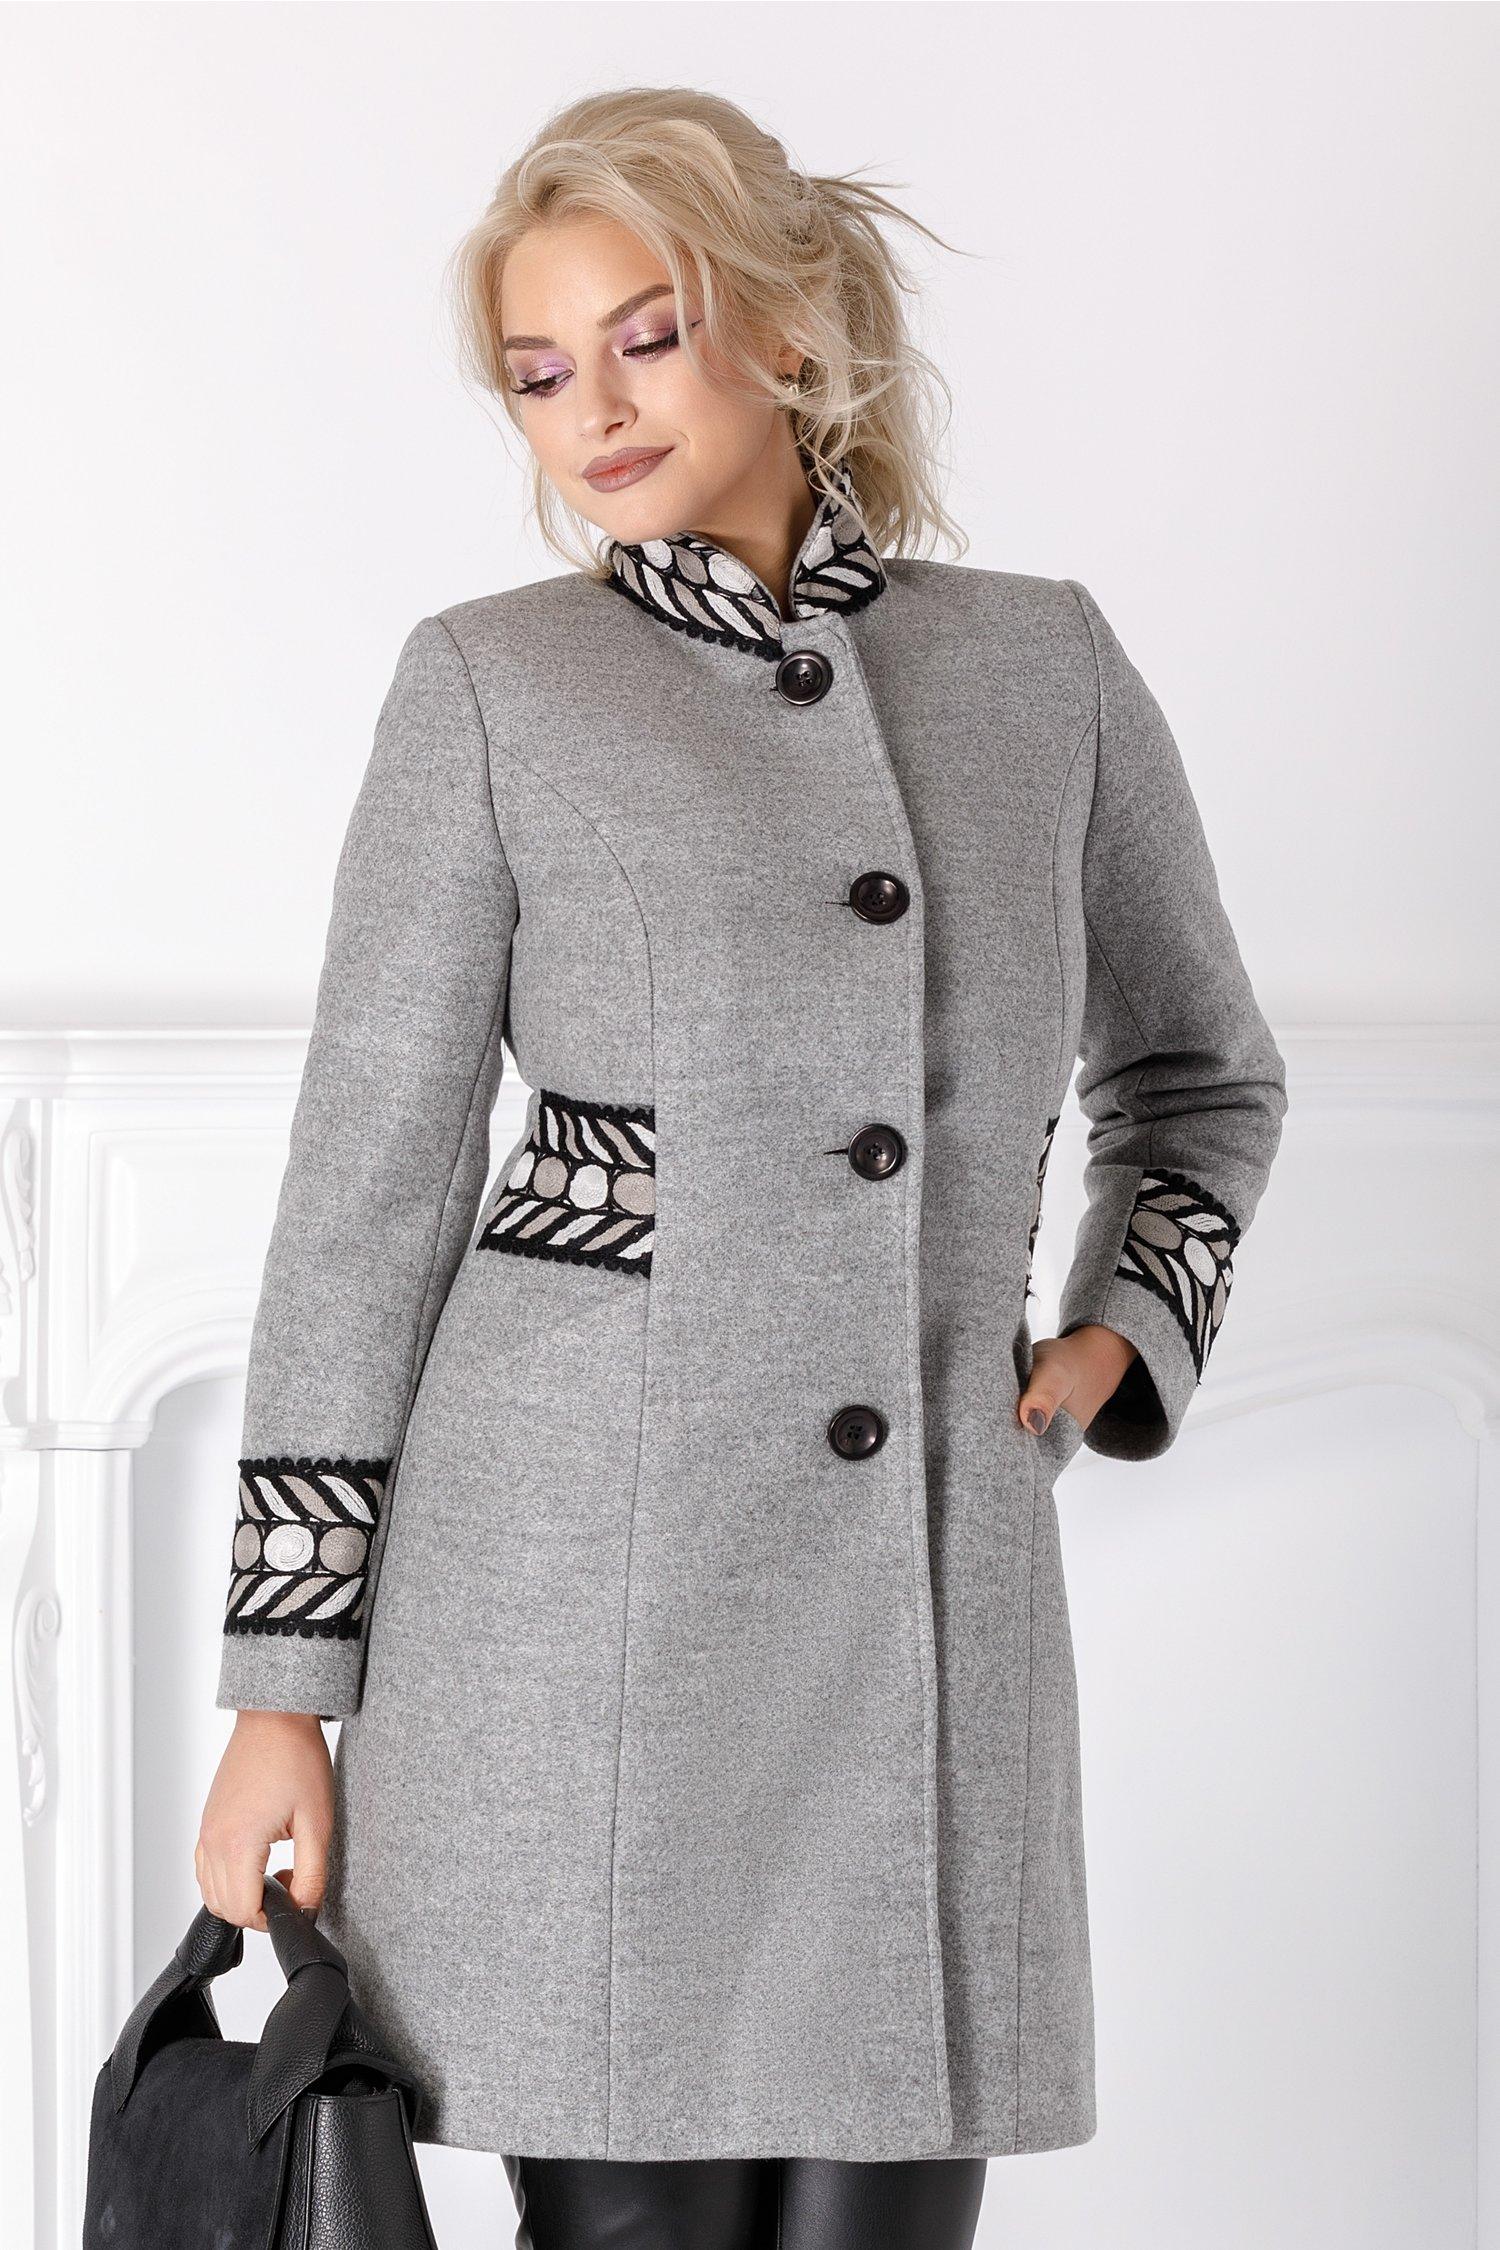 Palton Moze de iarna gri cu broderie